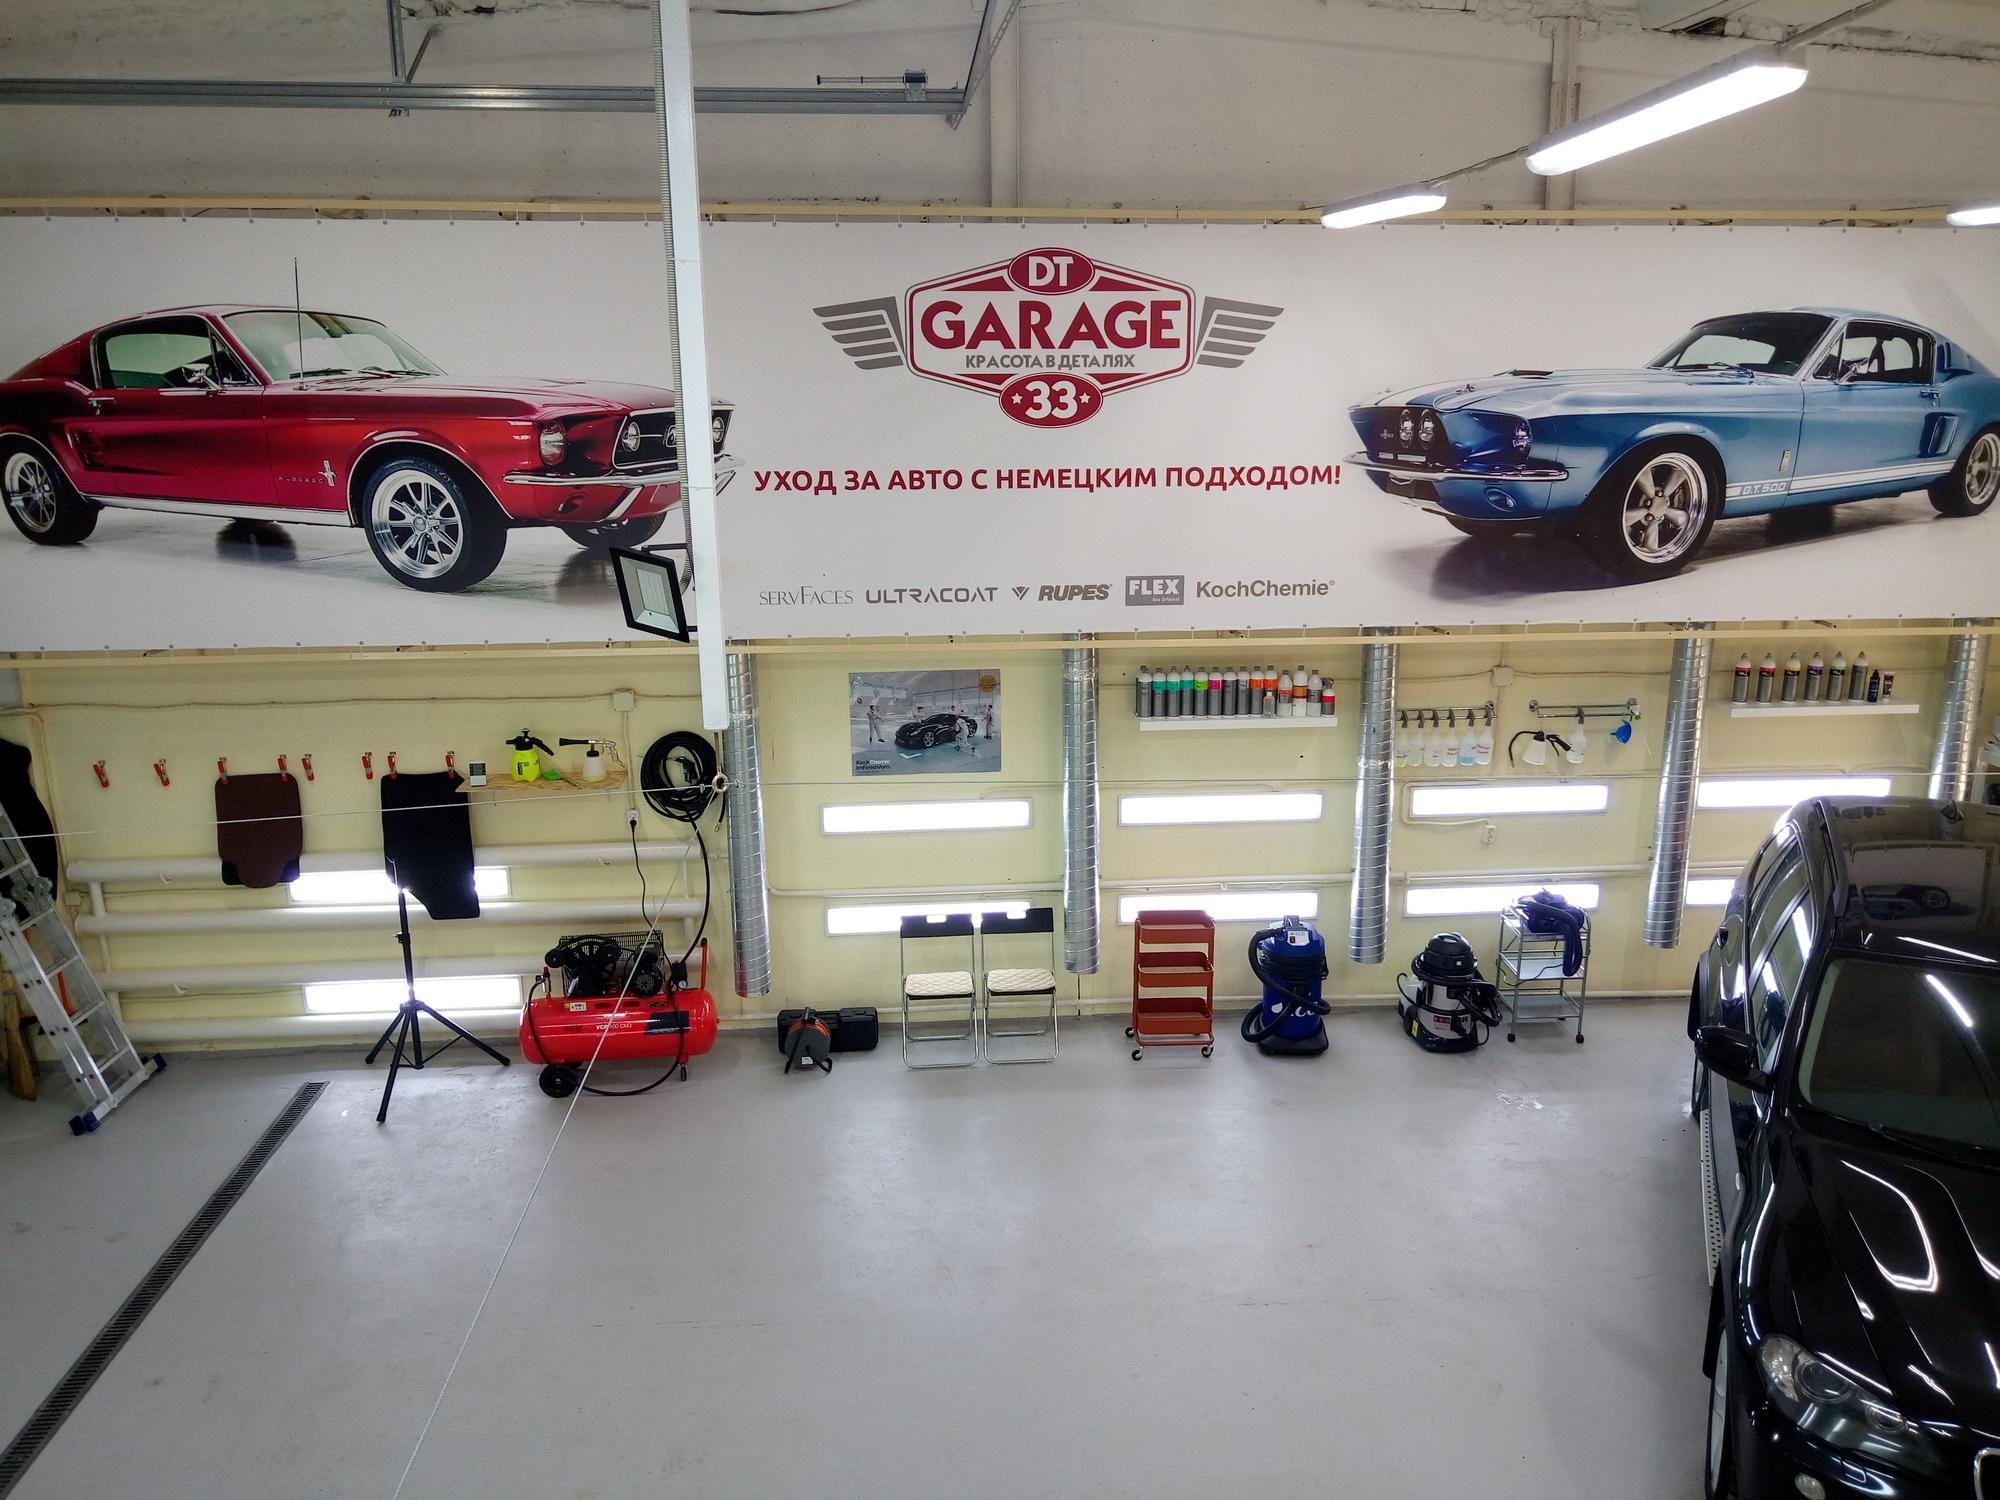 Смотреть на фото помещение фирмы «DT GARAGE 33» после ремонта 2017 года.